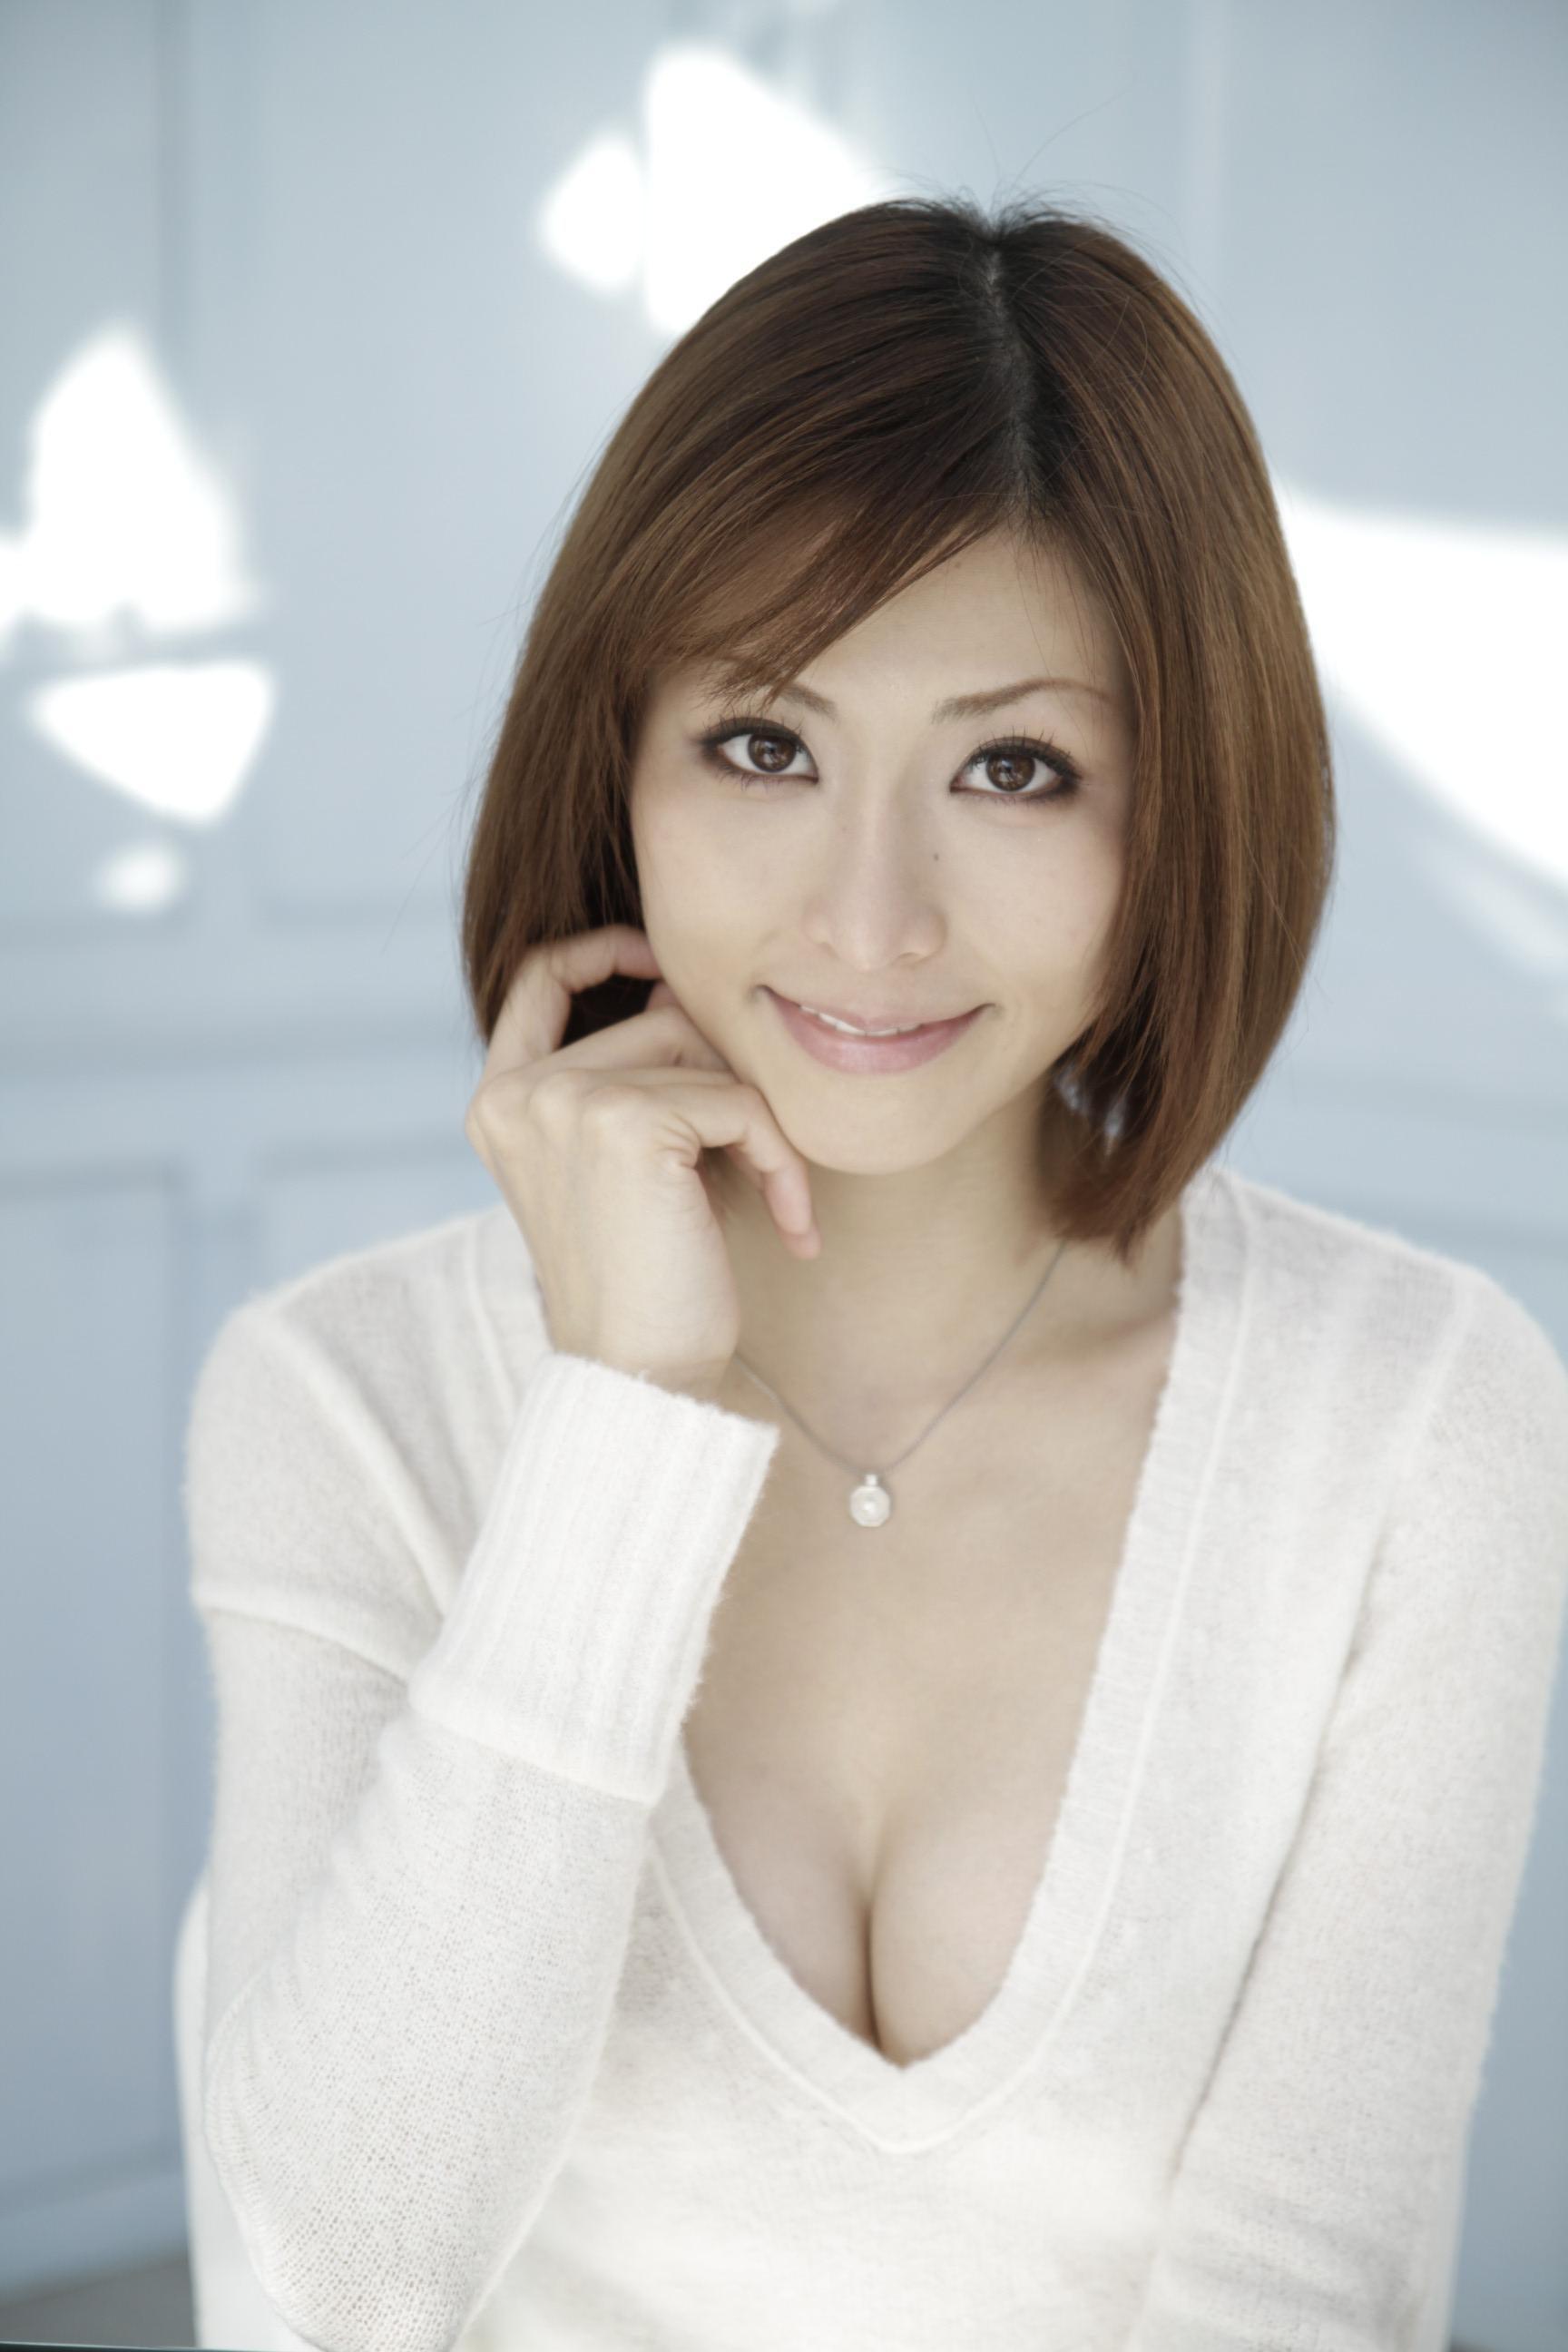 NAVER まとめ《人間廃業》朝日奈あかり(24)美しすぎる人造人間 バスト85cm Eカップ